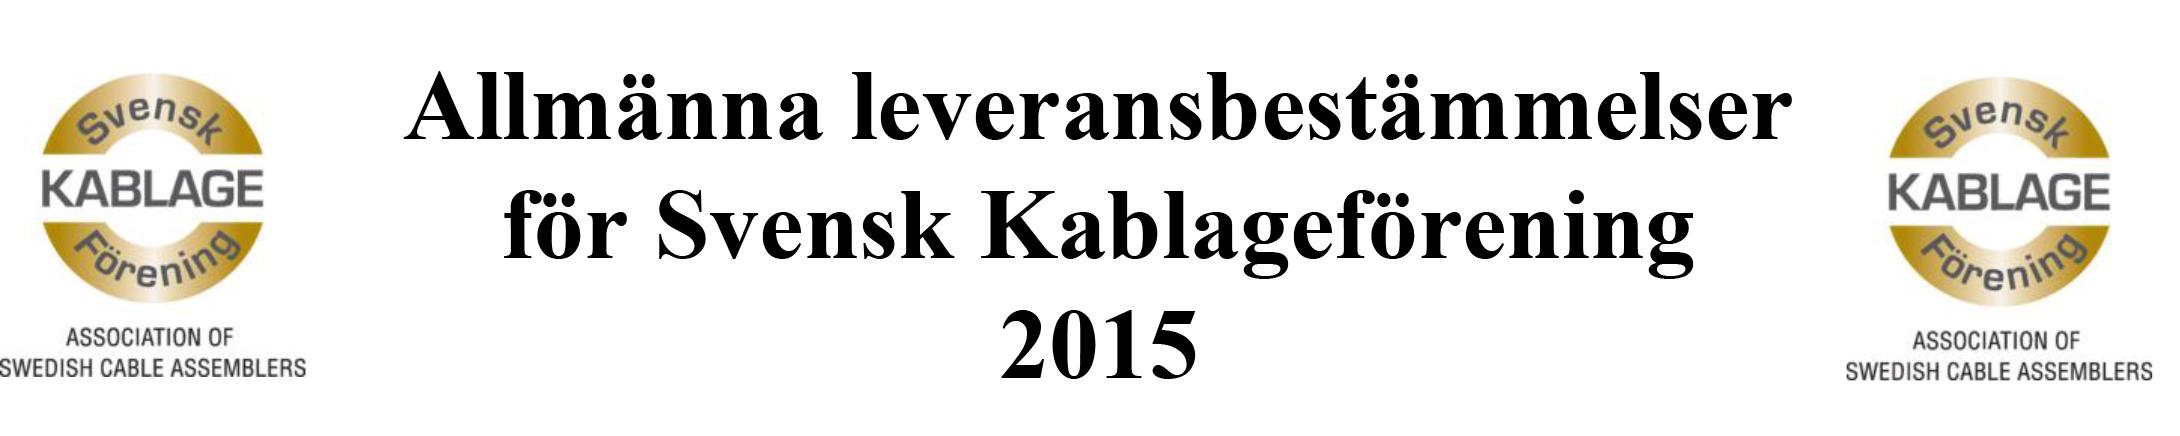 Ladda ned Svenska Kablageföreningens Allmänna Leveransbestämmelser här>>